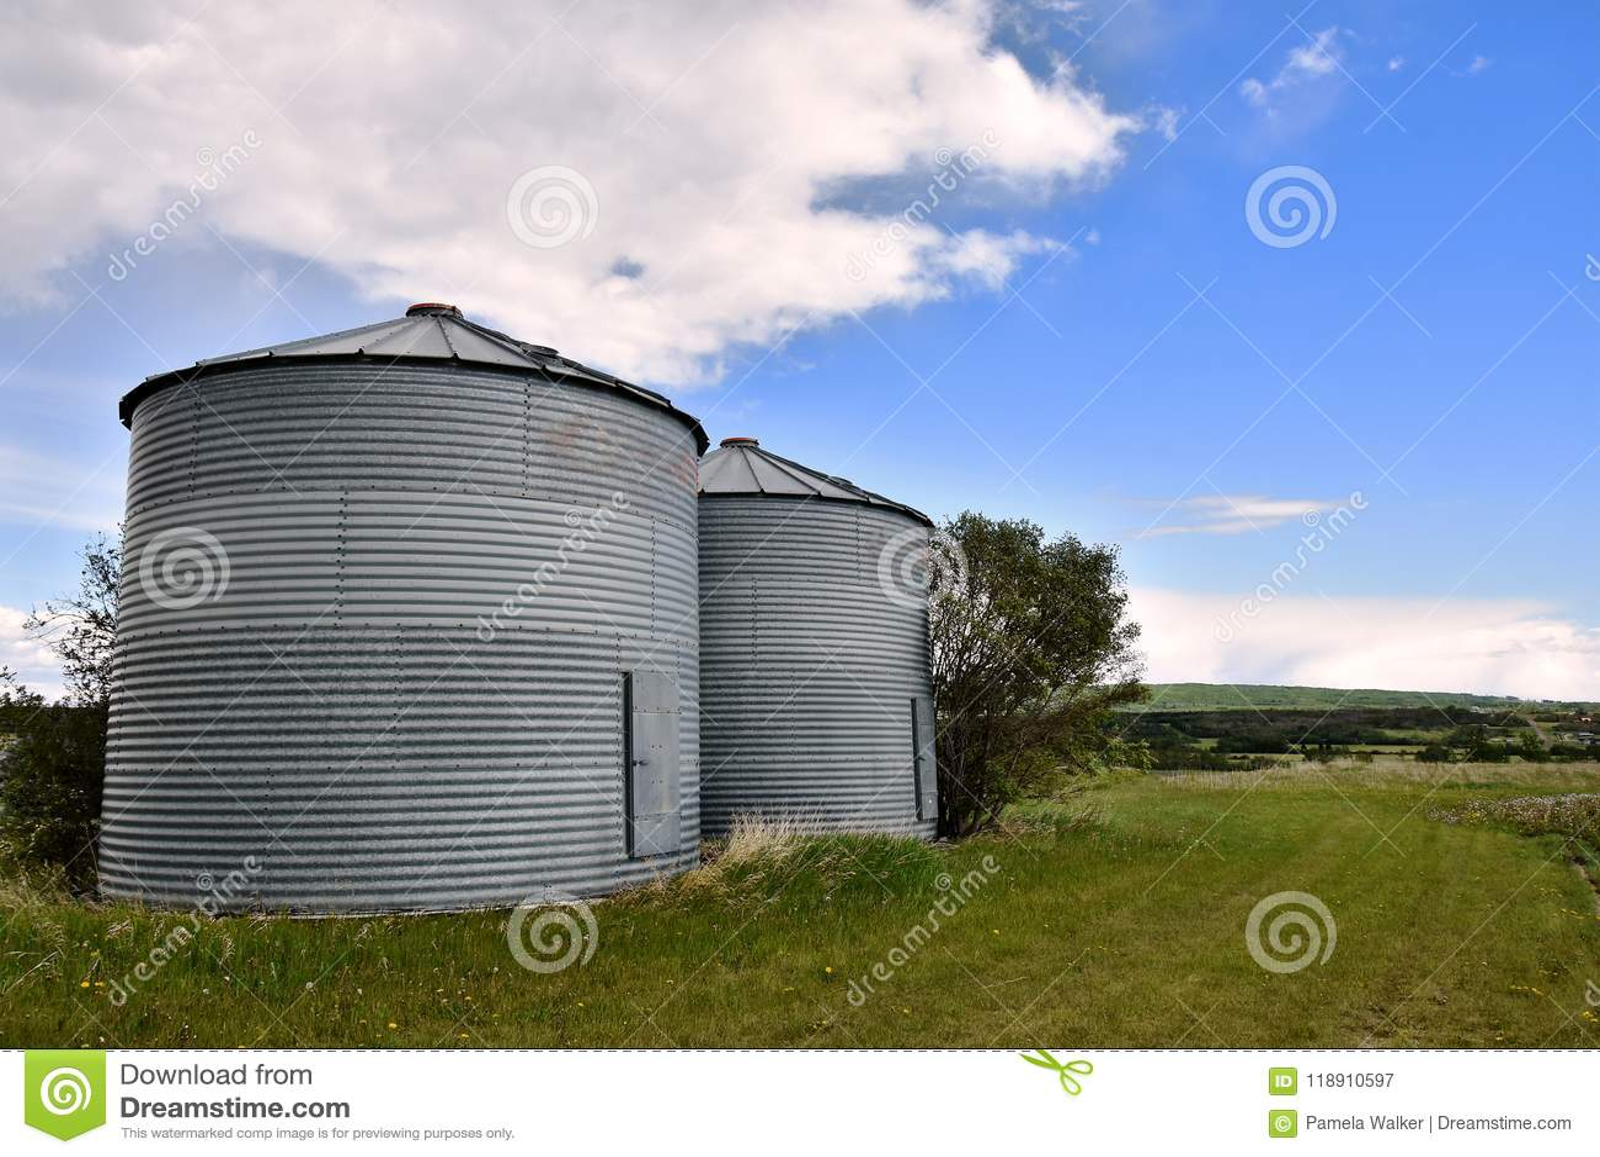 两个五谷容器筒仓